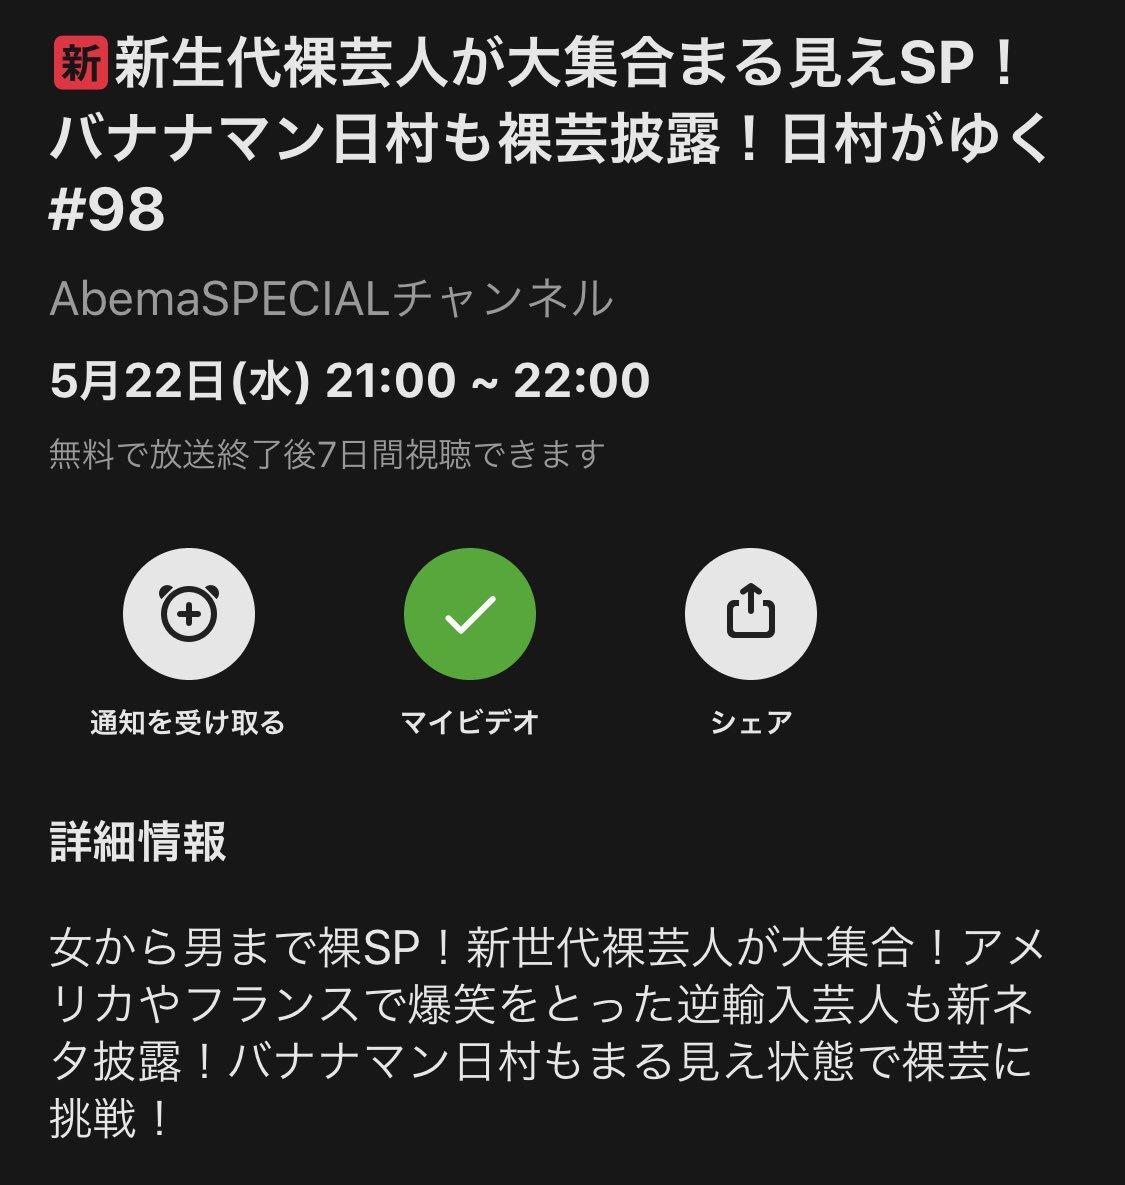 test ツイッターメディア - 明日です! 5月22日21時からAbema TVにて 「日村がゆく」に出てます! 裸芸スペシャルです! 是非よろしくお願いします! https://t.co/B1aSd1CBfn https://t.co/7UP4l3jLqS